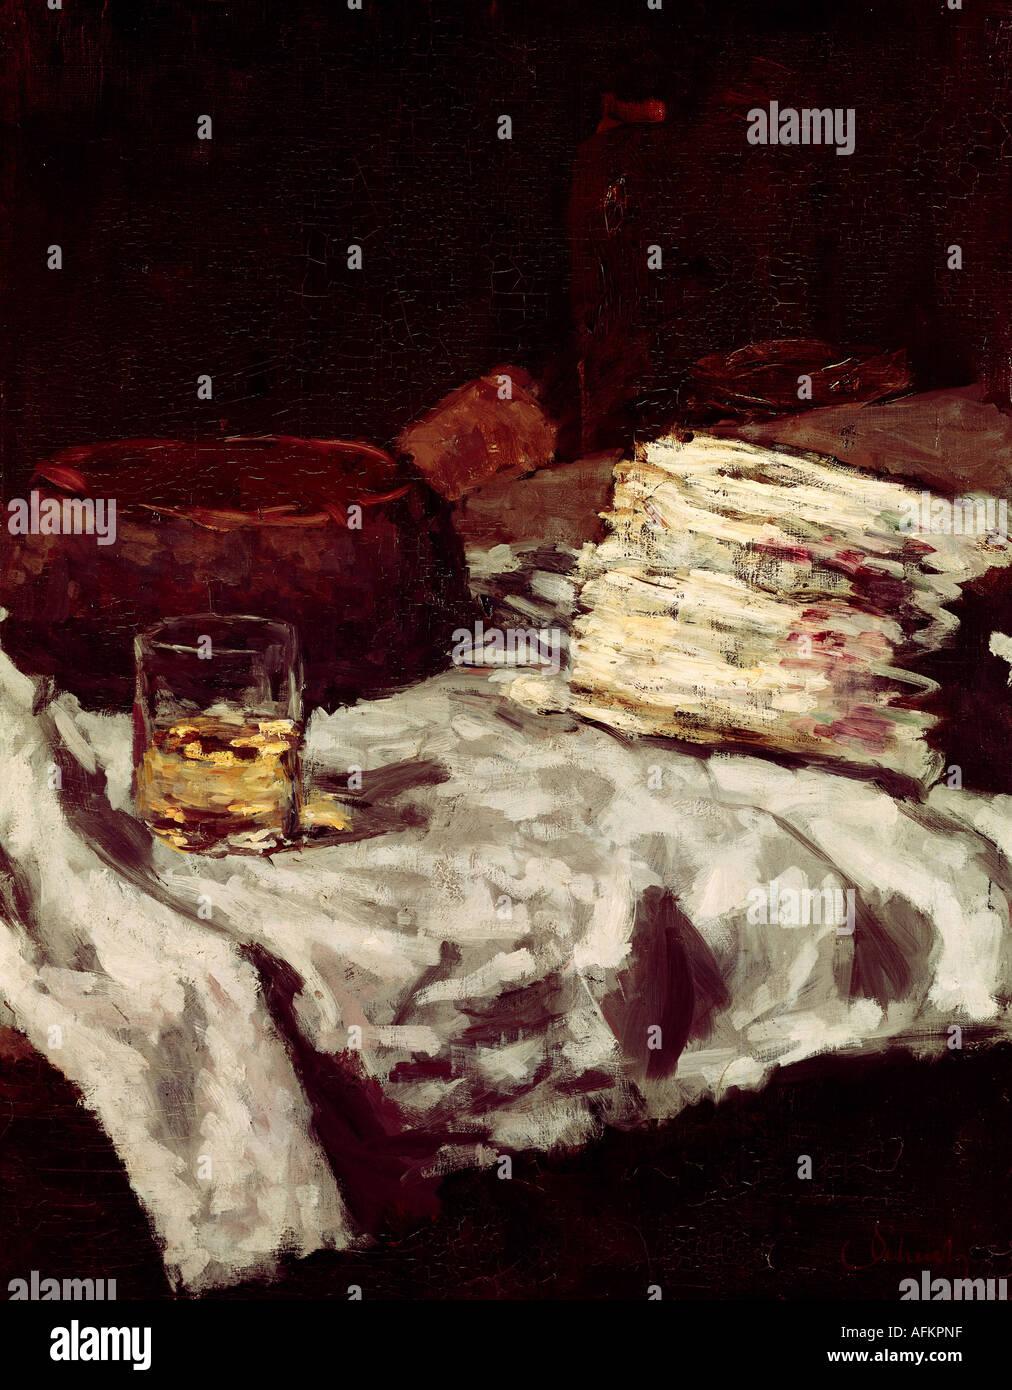 'Fine Arts, Schuch, Carl, (30.9.1846 - 13.9.1903), peinture, 'tillleben mit Spargel', vers 1885, huile sur toile, Banque D'Images